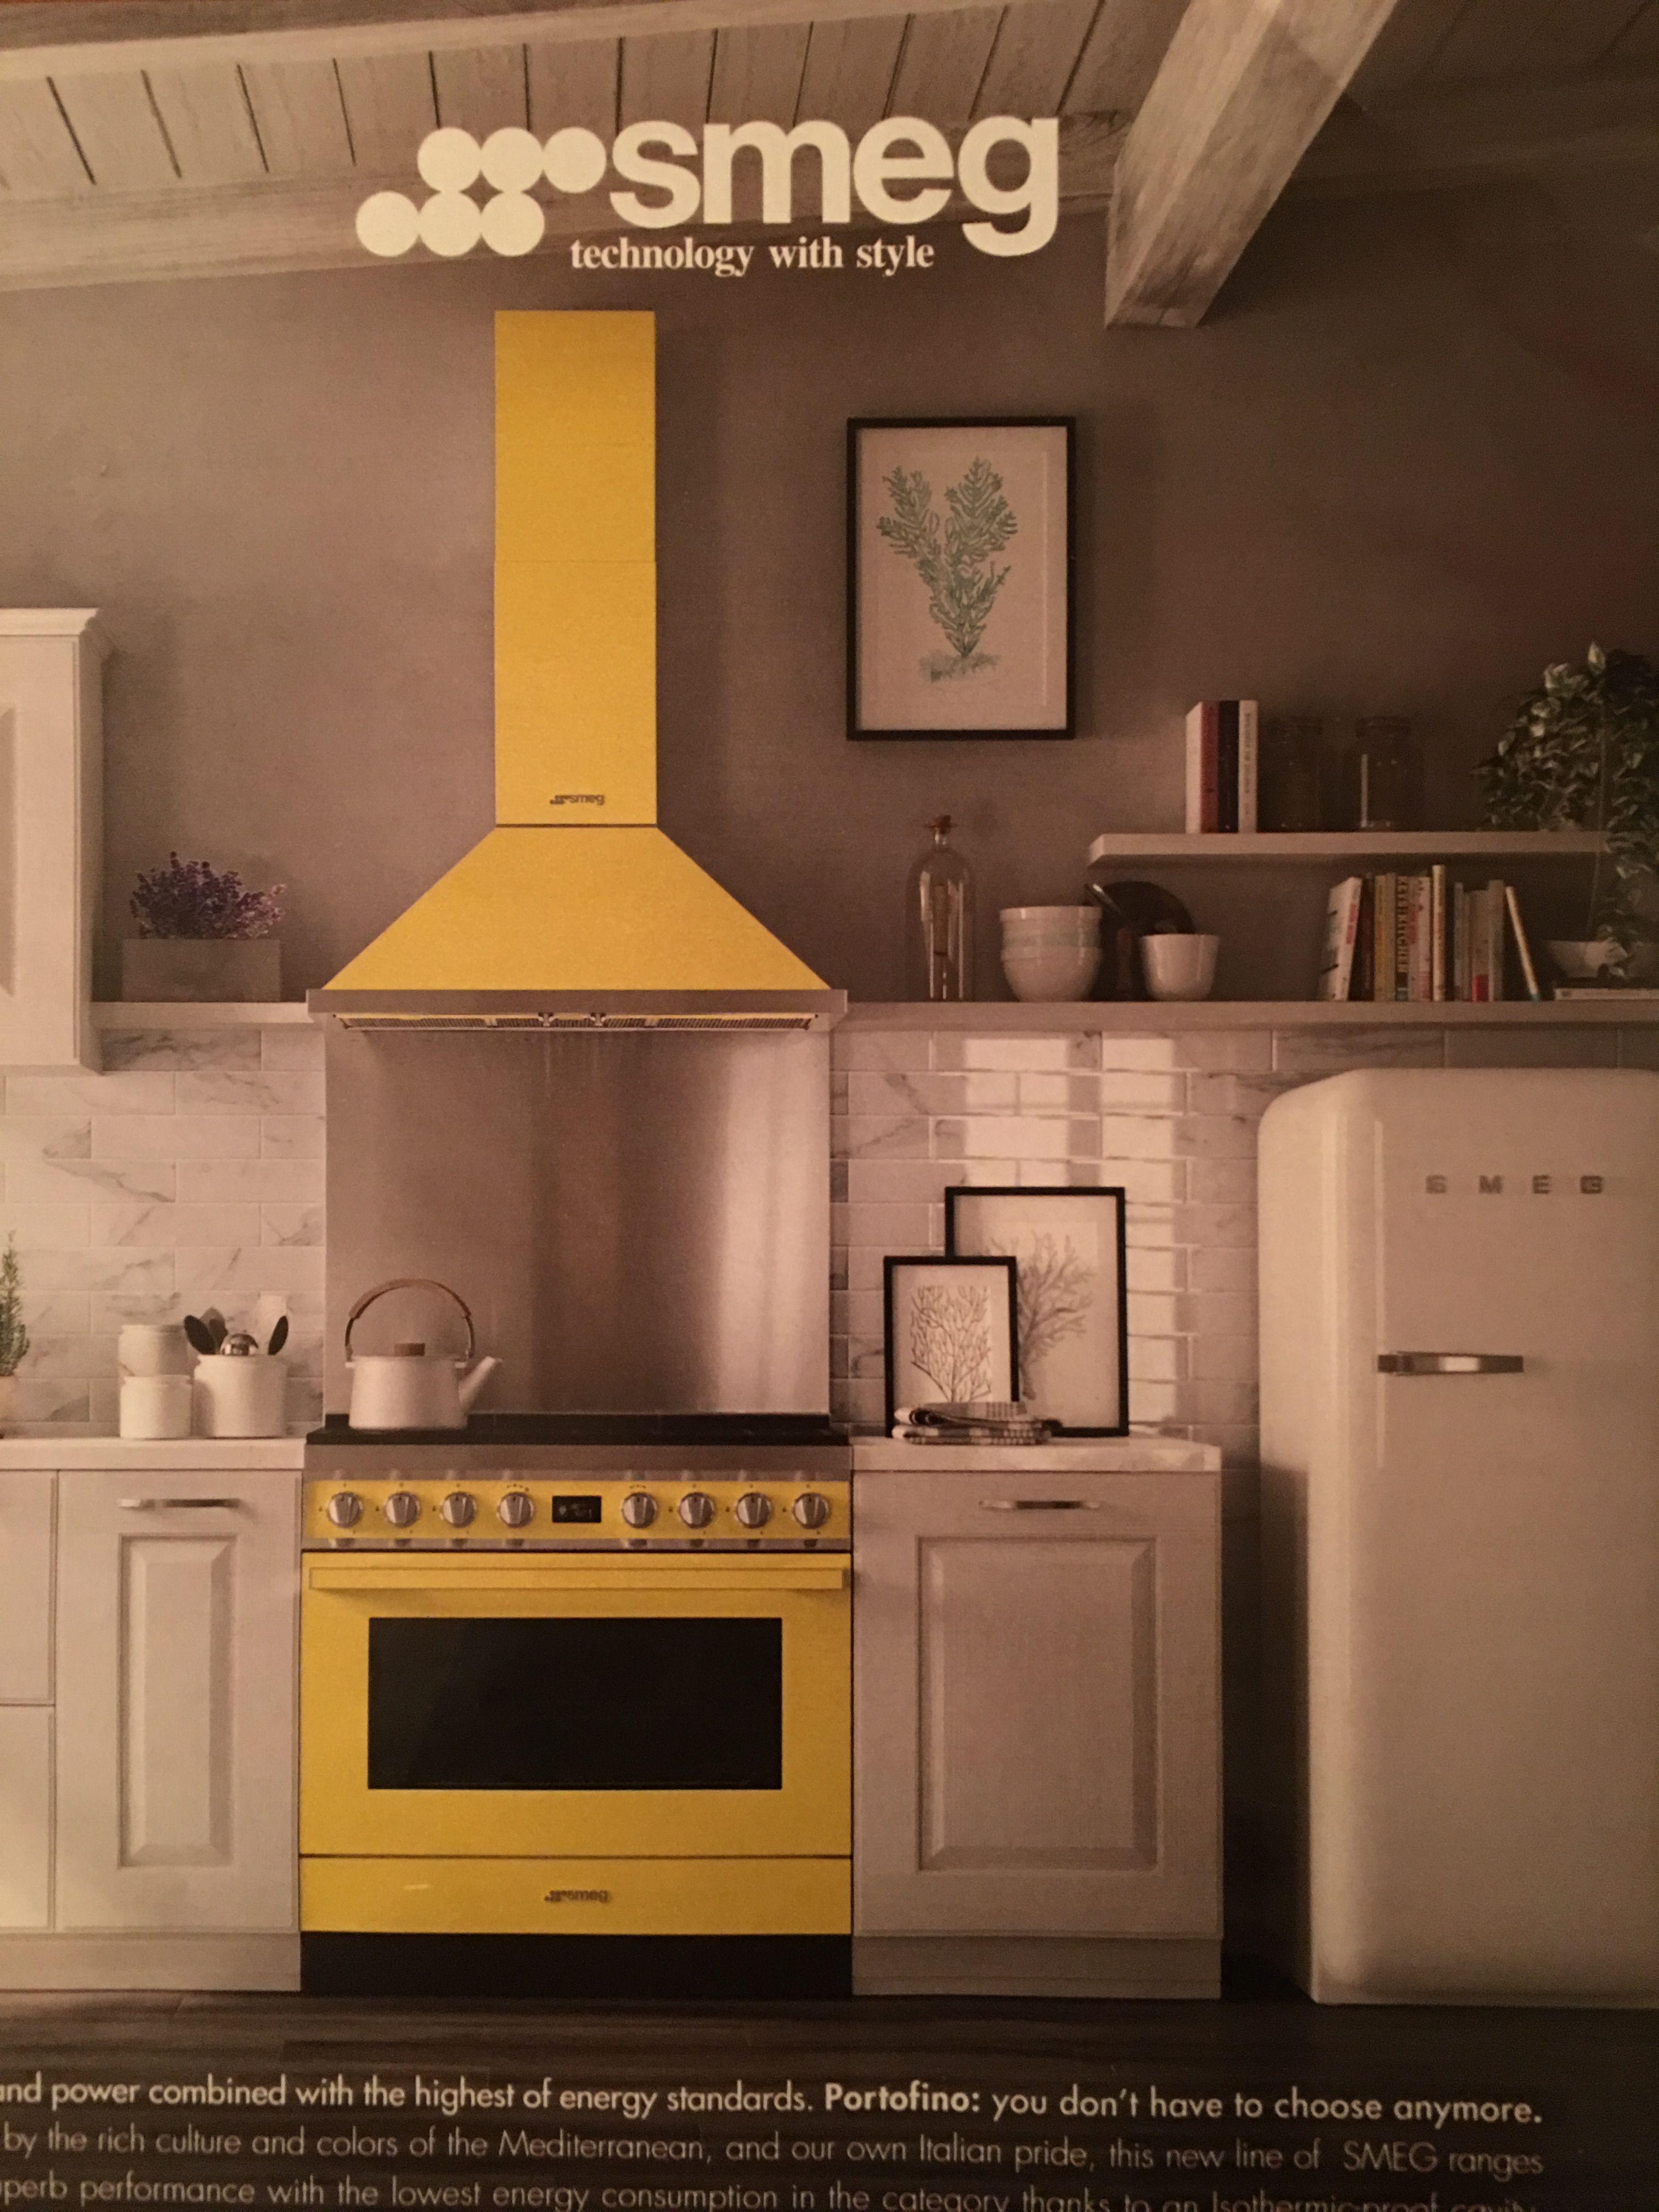 Pin by pamela fischer on kitchen ideas pinterest kitchens